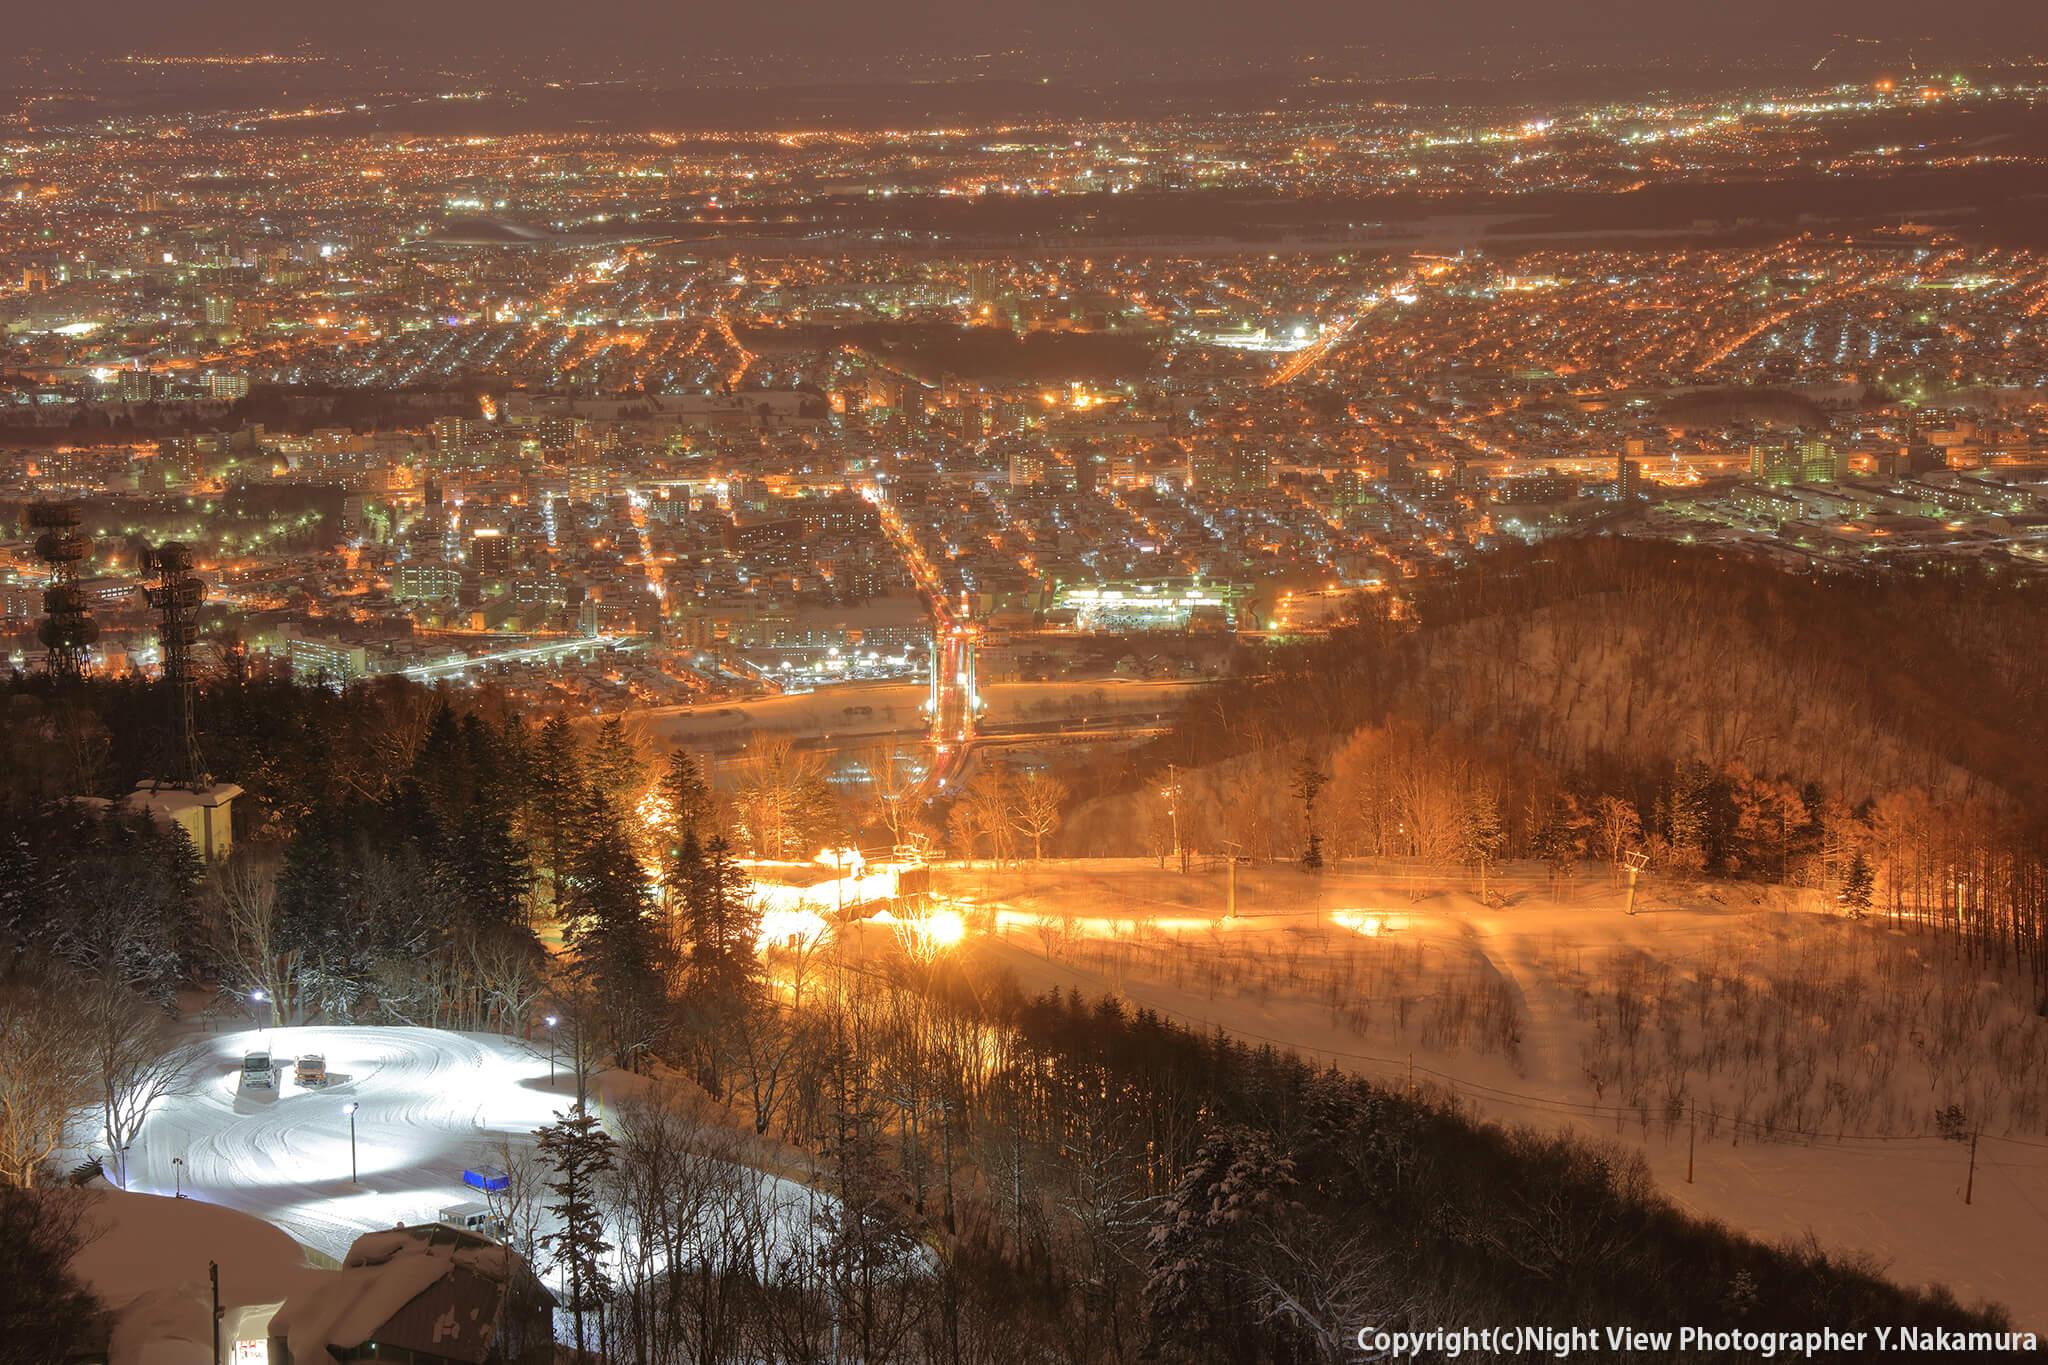 Photo of 北海道最大級の夜景を見るなら!「藻岩山展望台」